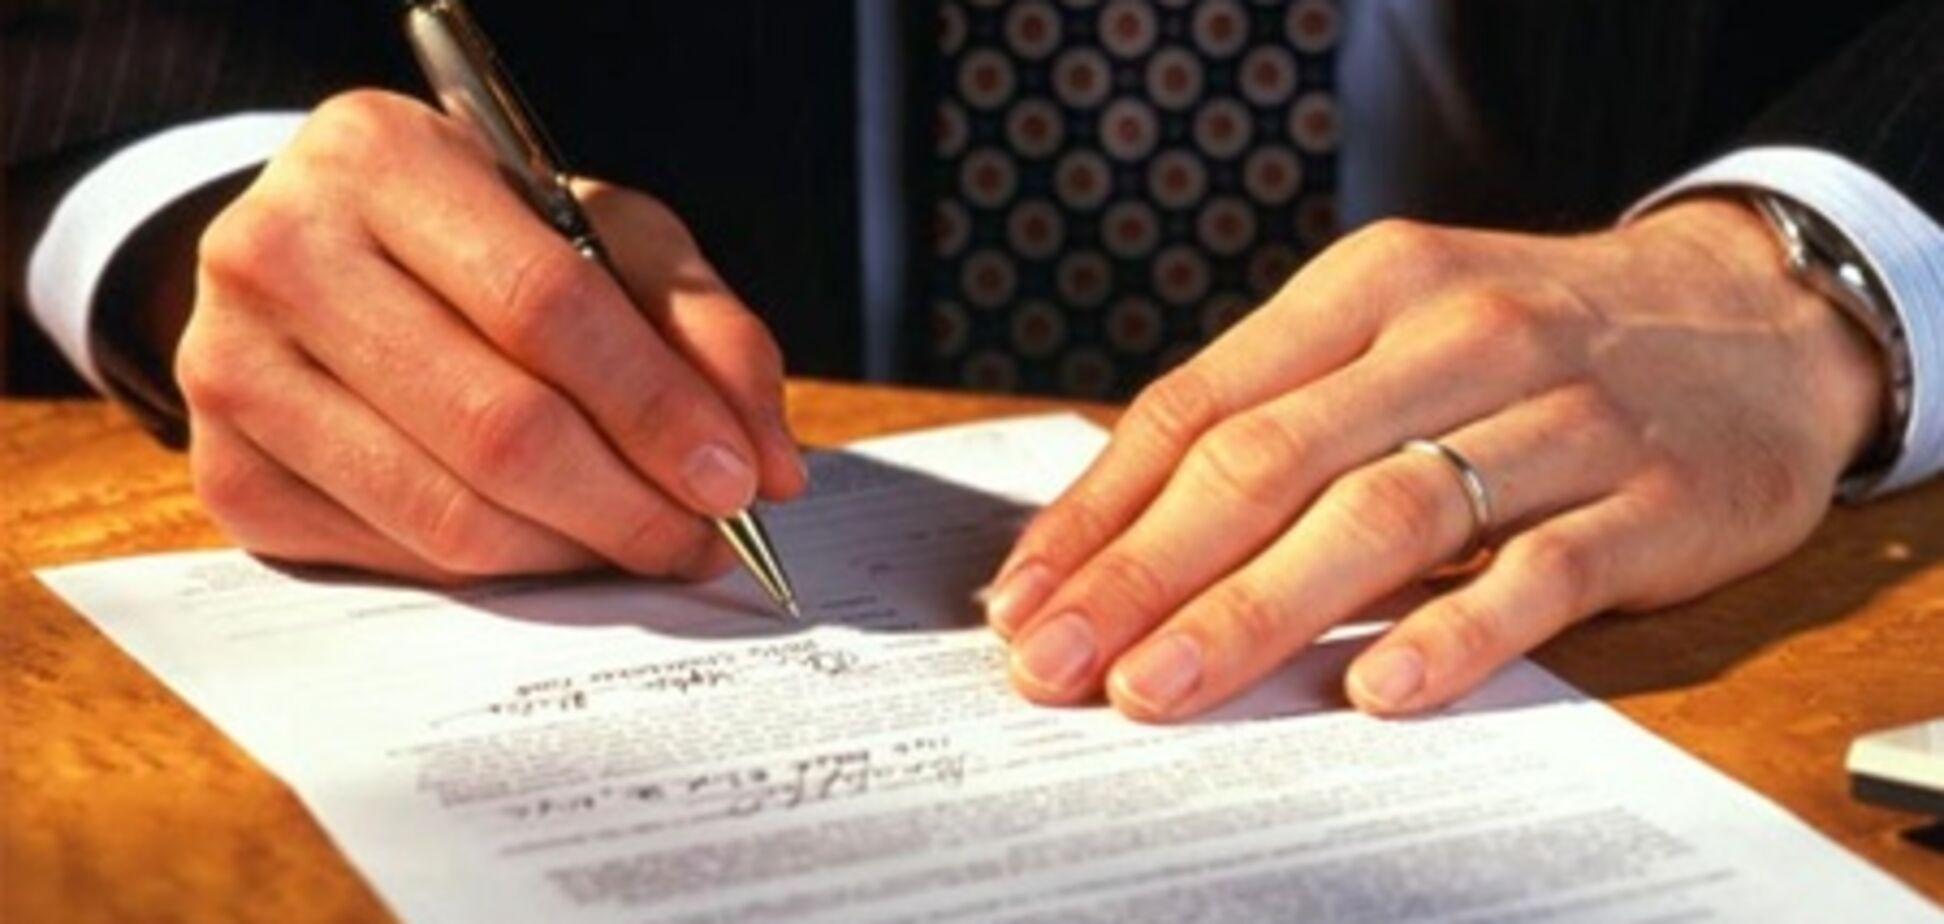 Нотариусов будут наказывать за отказ регистрировать права на квартиру